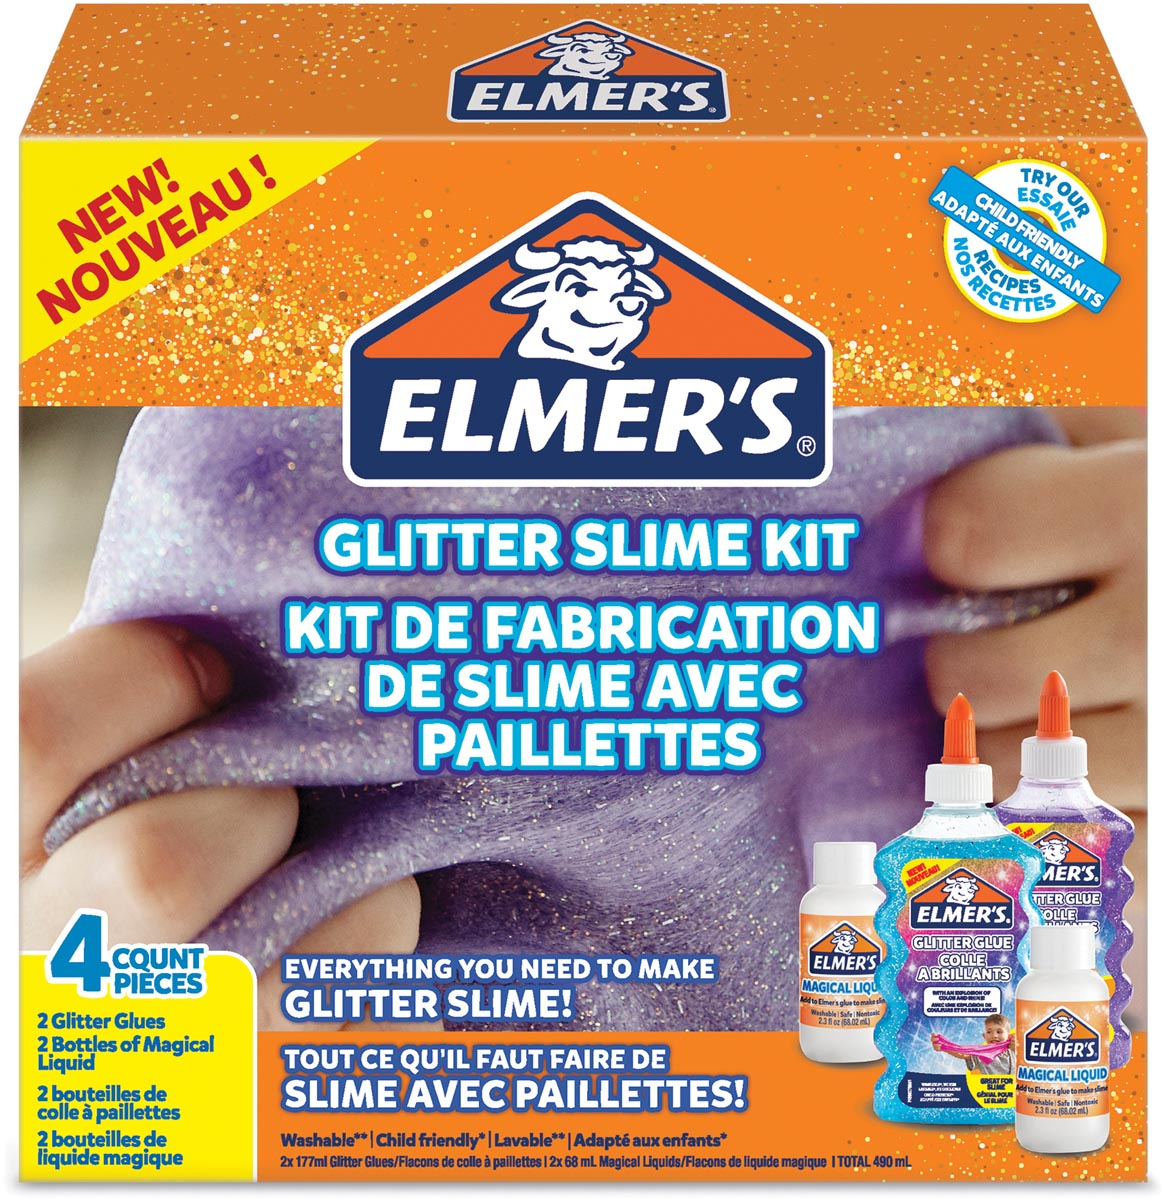 Elmer's slijmkit glitter